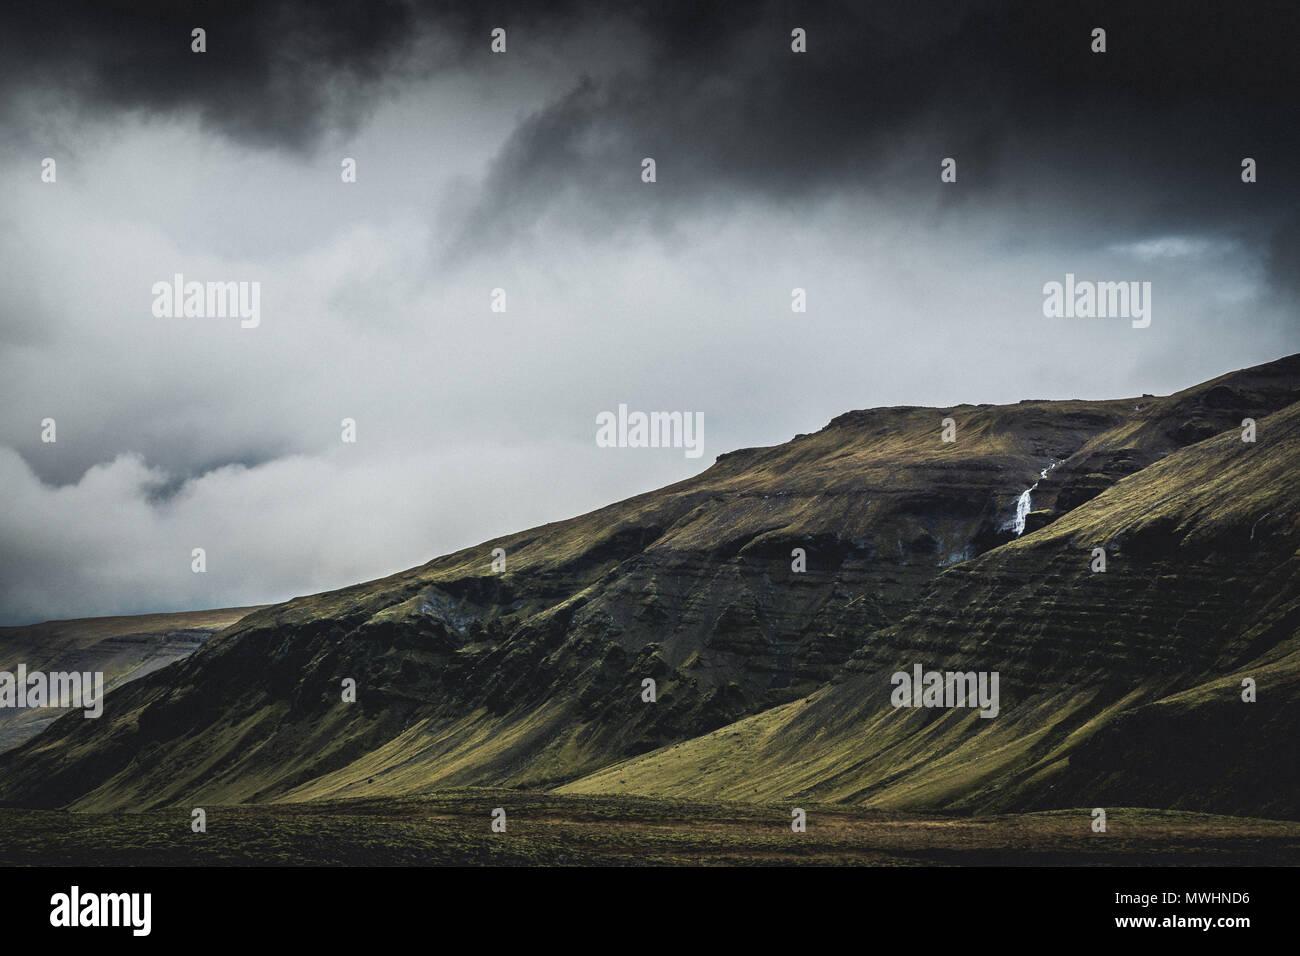 Eine typische Landschaft im isländischen Hochland. Stockbild